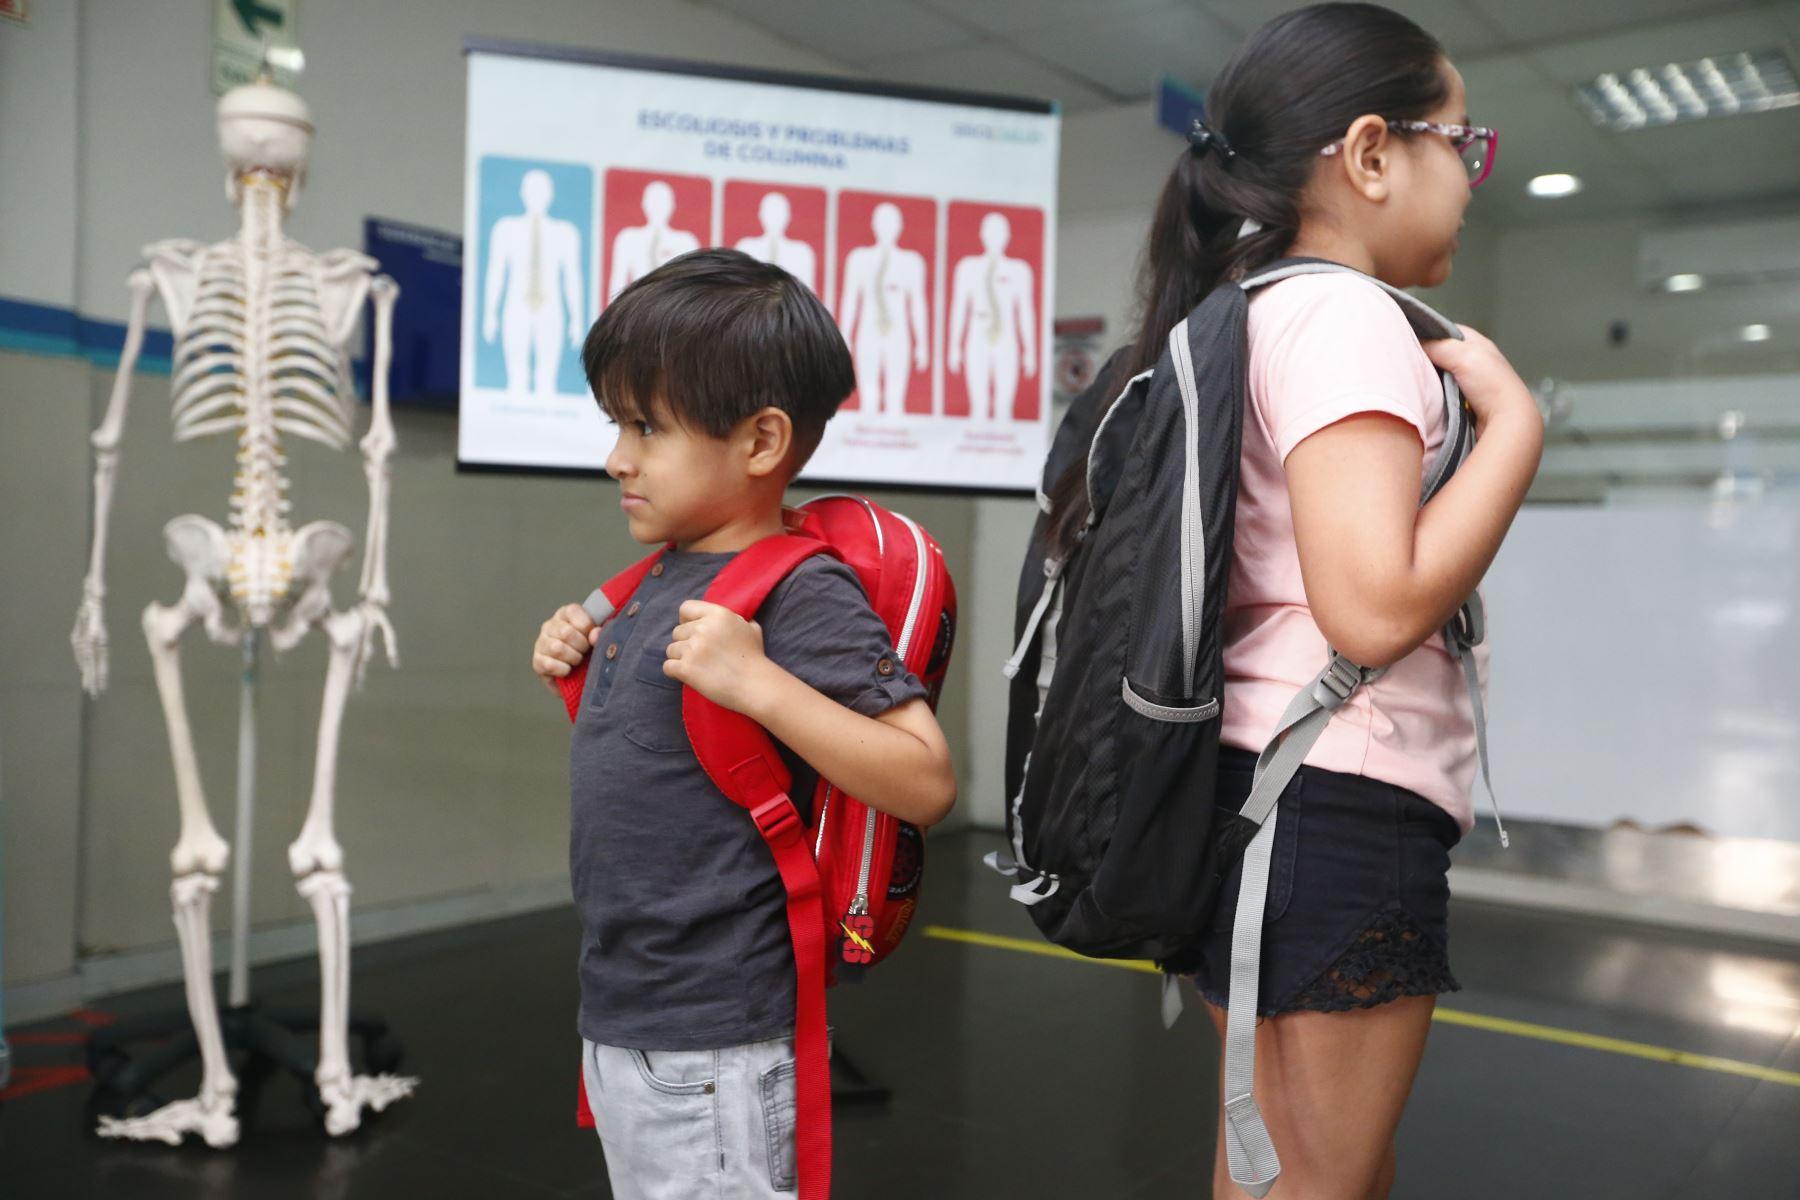 Especialista en terapia física advierte que exceso de peso en las mochilas de los escolares podría generar lesiones en la población infantil. Foto: ANDINA/Jhonel Rodríguez Robles